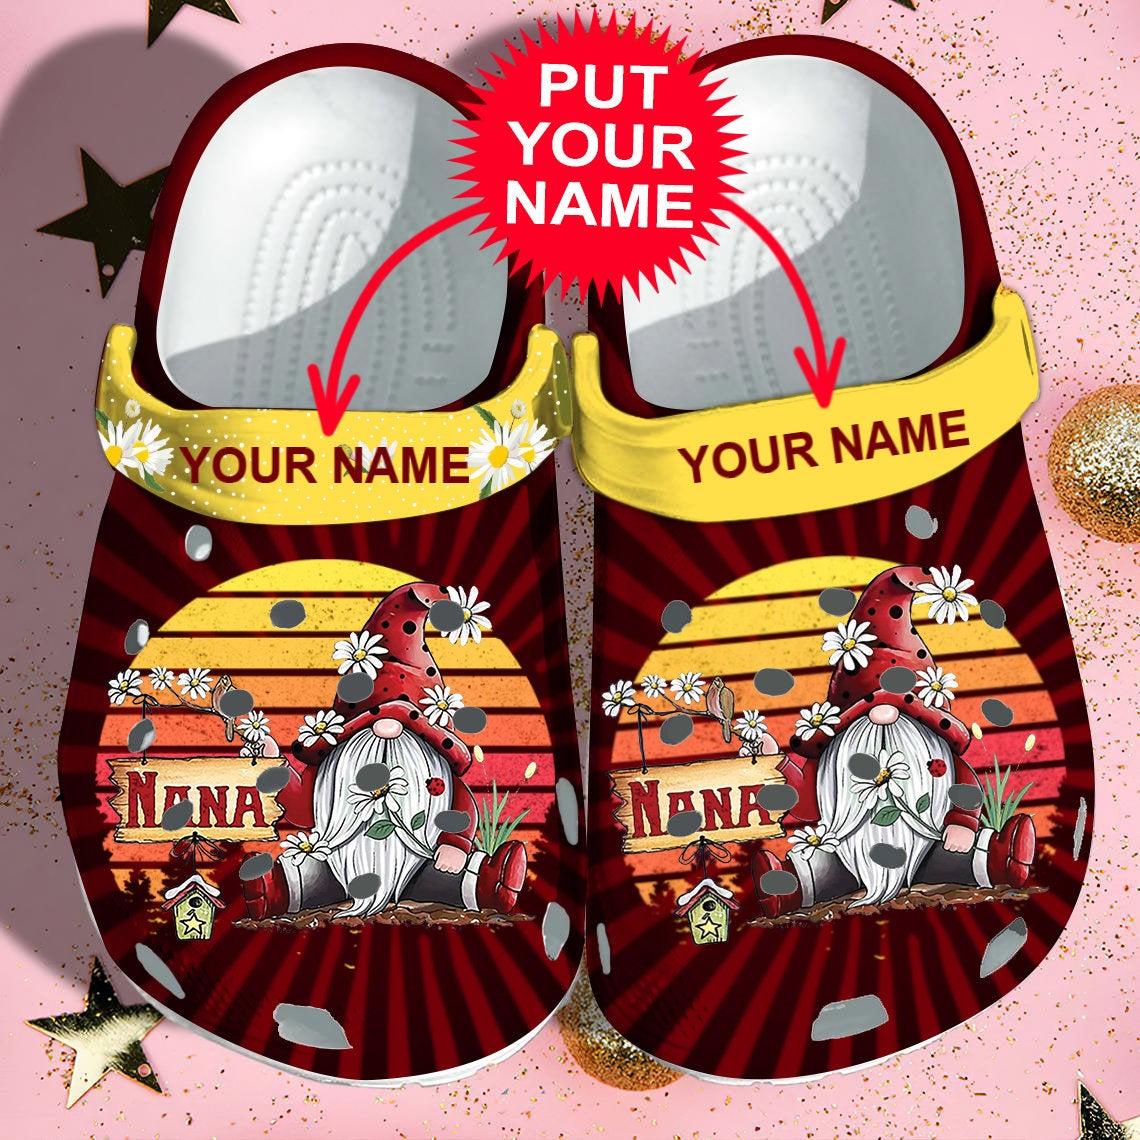 Nana Personalisation Crocs Clog Shoes